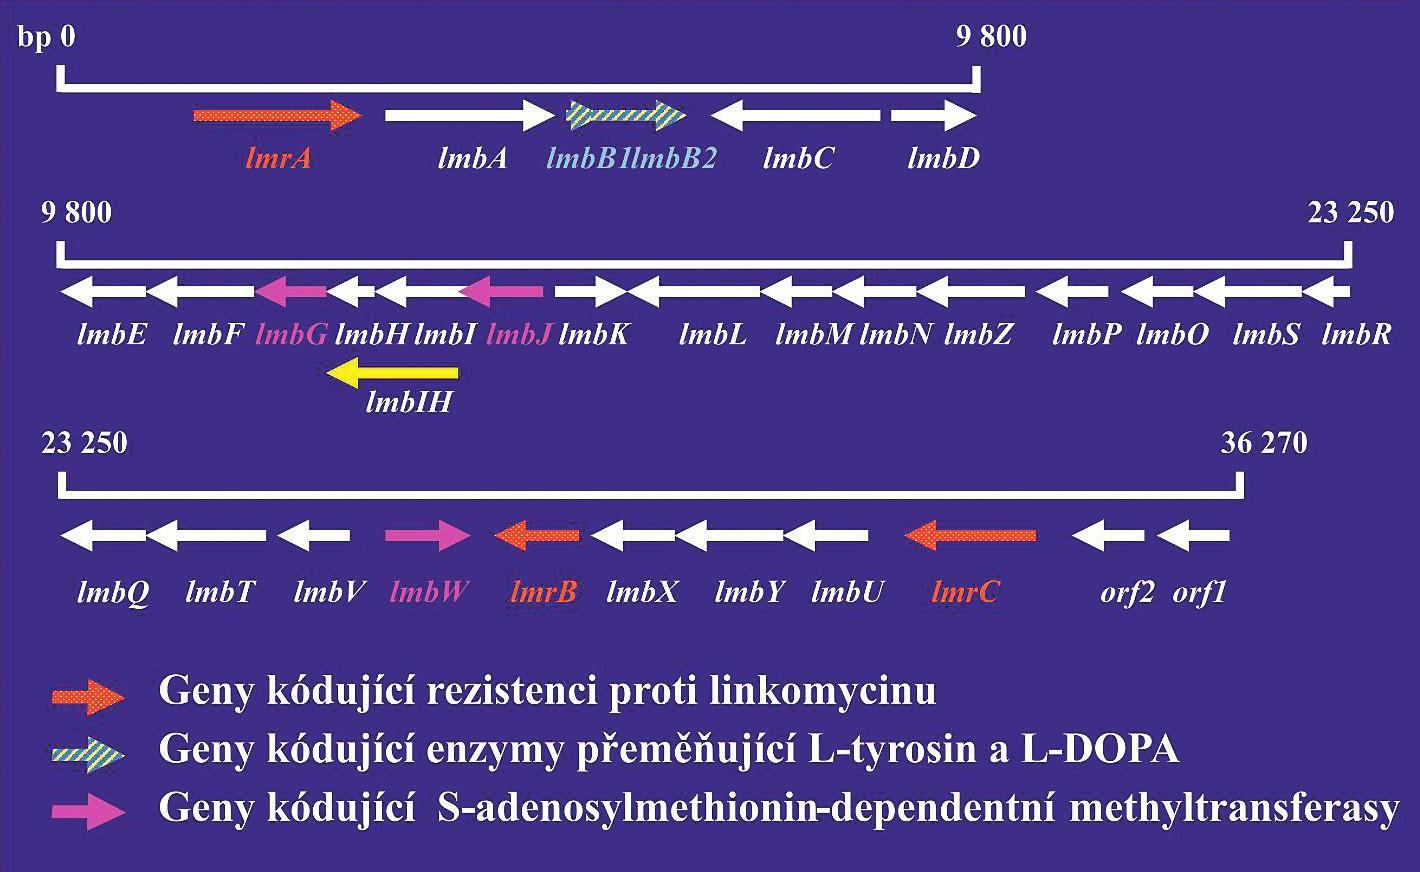 Linkomycinový genový klastr<br> Červeně jsou vyznačeny geny kódující rezistenci na antibiotika. Šrafovaně jsou vyznačeny geny kódující S-adenosyl-dependentní metyltransferázu. Šipky ukazují směr transkripce jednotlivých genů. Produkty genů lmbA–lmbK se podobají enzymům metabolismu aminokyselin. Produkty genů lmbL–lmbQ jsou pravděpodobně enzymy cukerného metabolismu.<br> Figure 1. Lincomycin gene cluster<br> Genes encoding resistance to antibiotics are highlighted in red. Genes encoding S-adenosyl-dependent methyltransferase are hatched. Arrows indicate the direction of transcription for individual genes. Gene products lmbA–lmbK are similar to enzymes for amino acid metabolism. Gene products lmbL–lmbQ are most probably sugar metabolism enzymes.